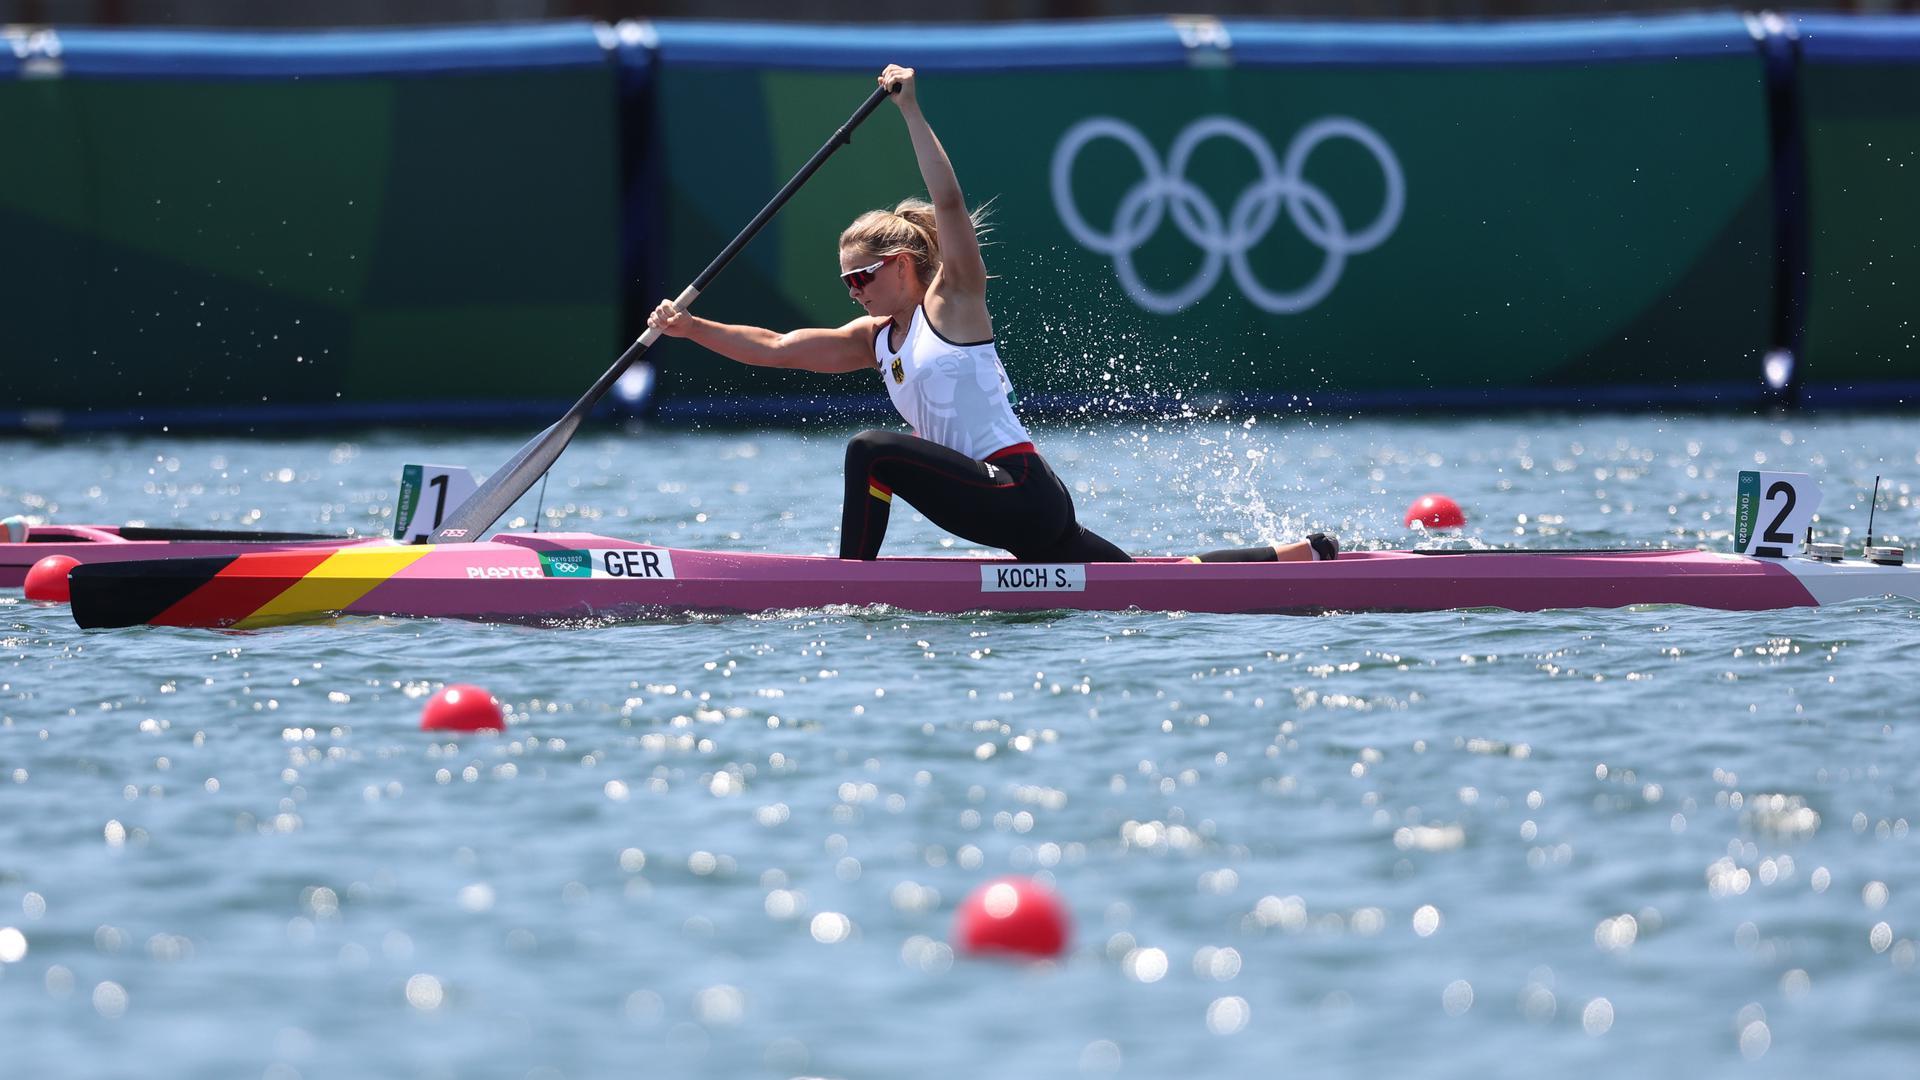 Kanu: Olympia, Vorkampf, Frauen, 200 Meter im Sea Forest Waterway. Sophie Koch aus Deutschland in Aktion. +++ dpa-Bildfunk +++